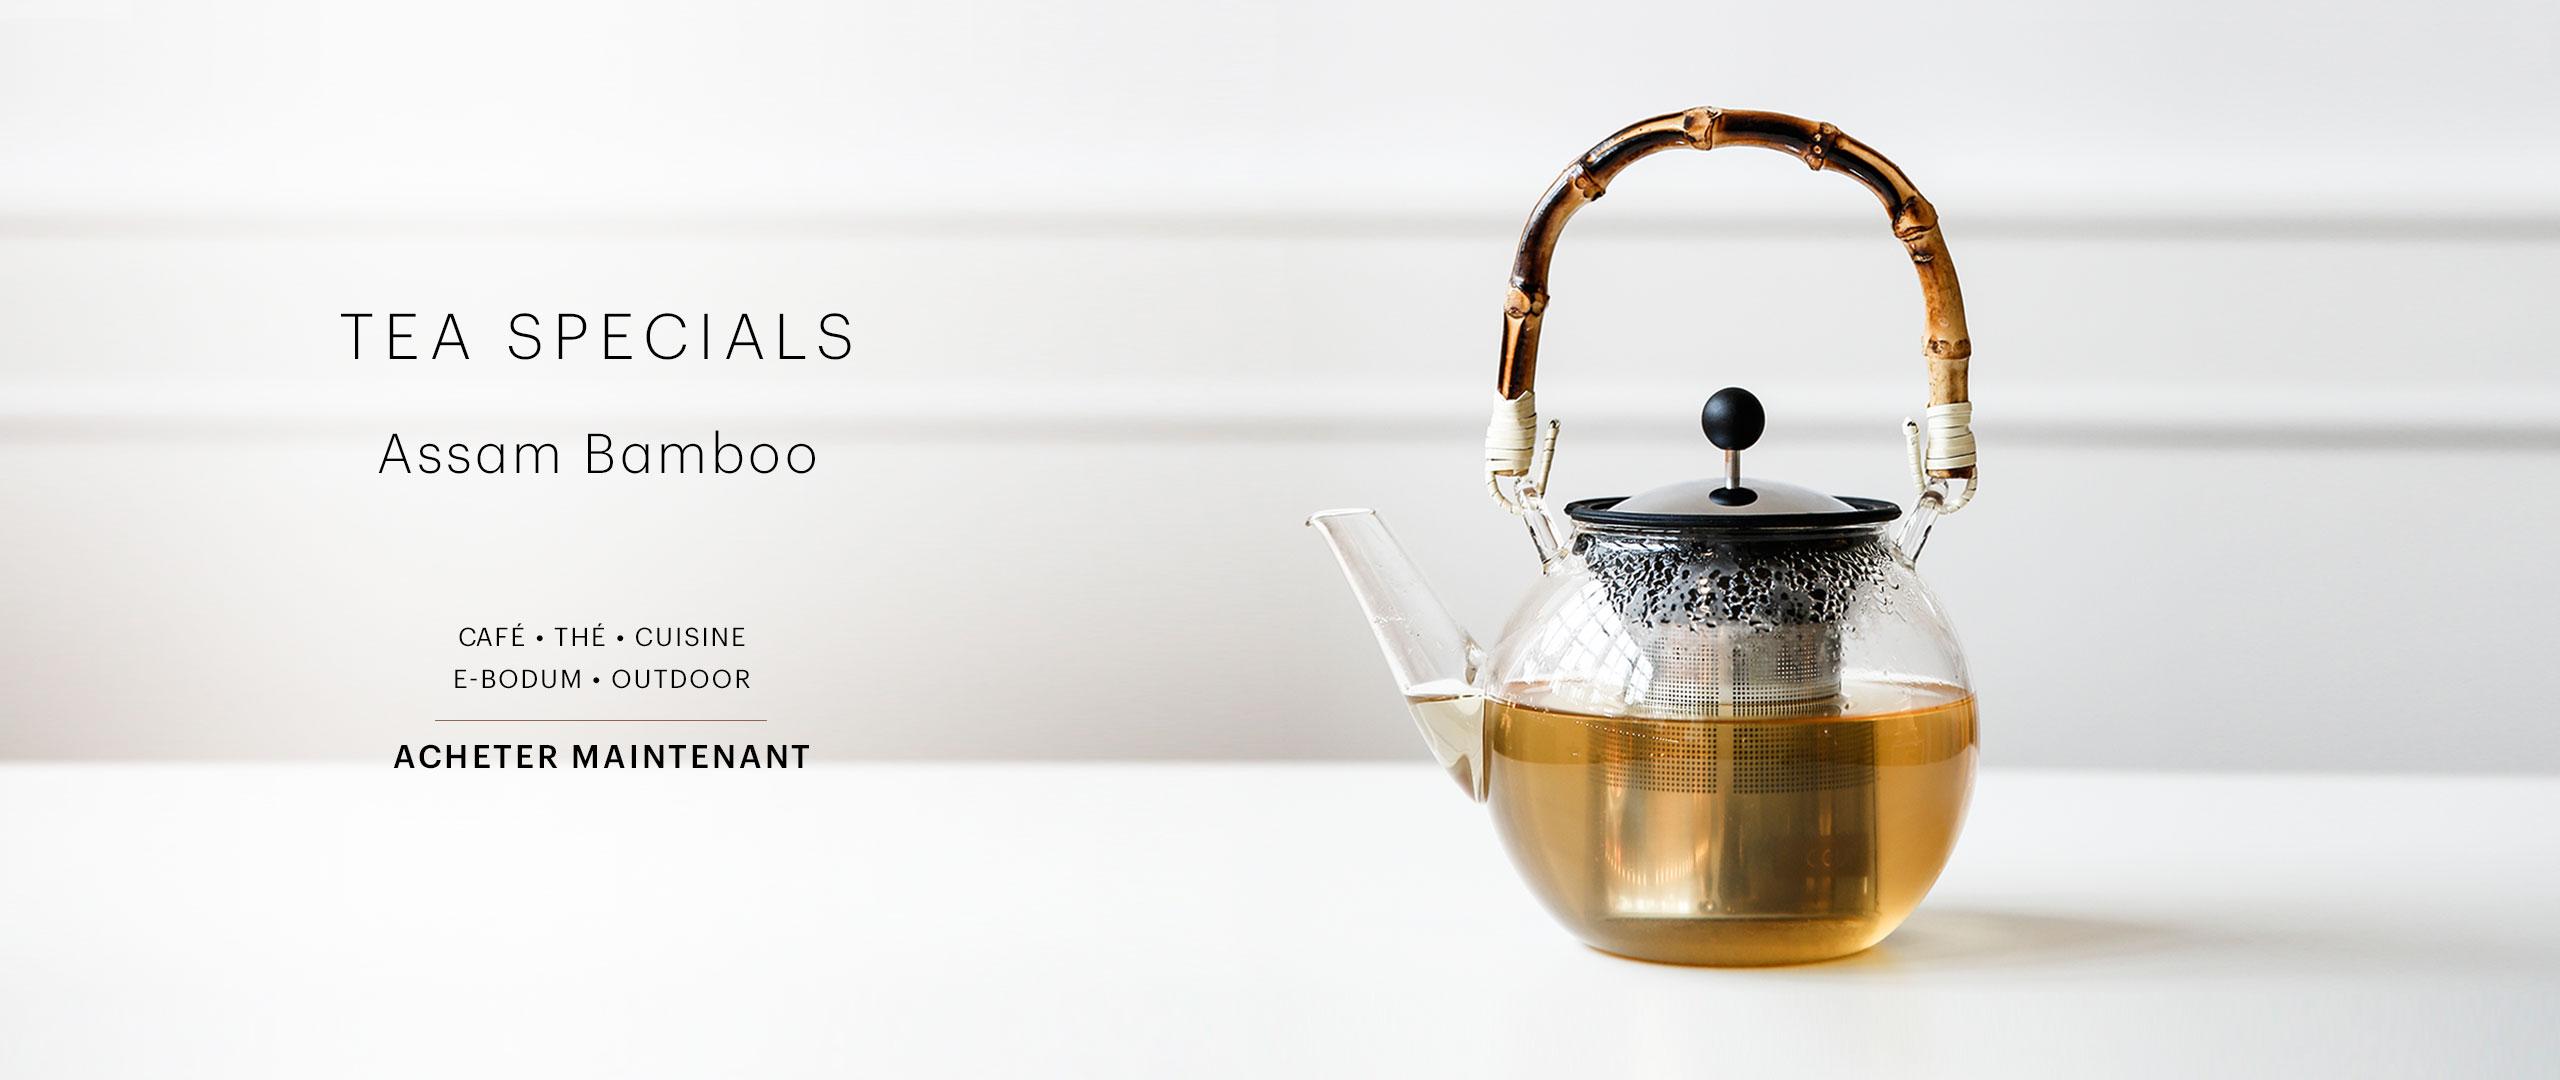 BEU - [FR] - Tea Specials